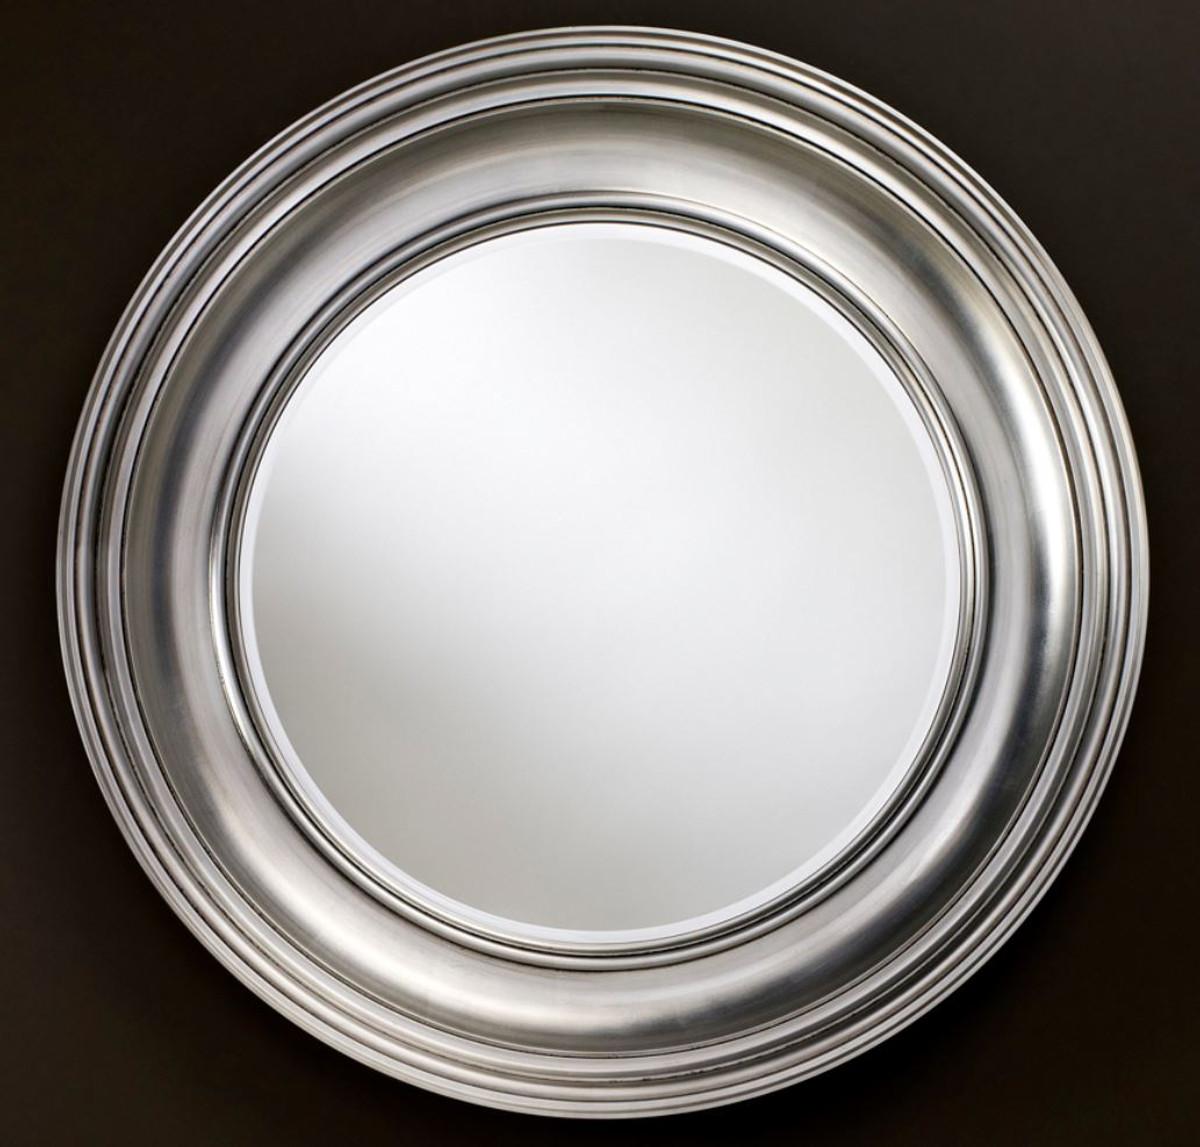 casa padrino luxus wohnzimmer spiegel silber 102 cm wohnzimmer wandspiegel spiegel luxus. Black Bedroom Furniture Sets. Home Design Ideas